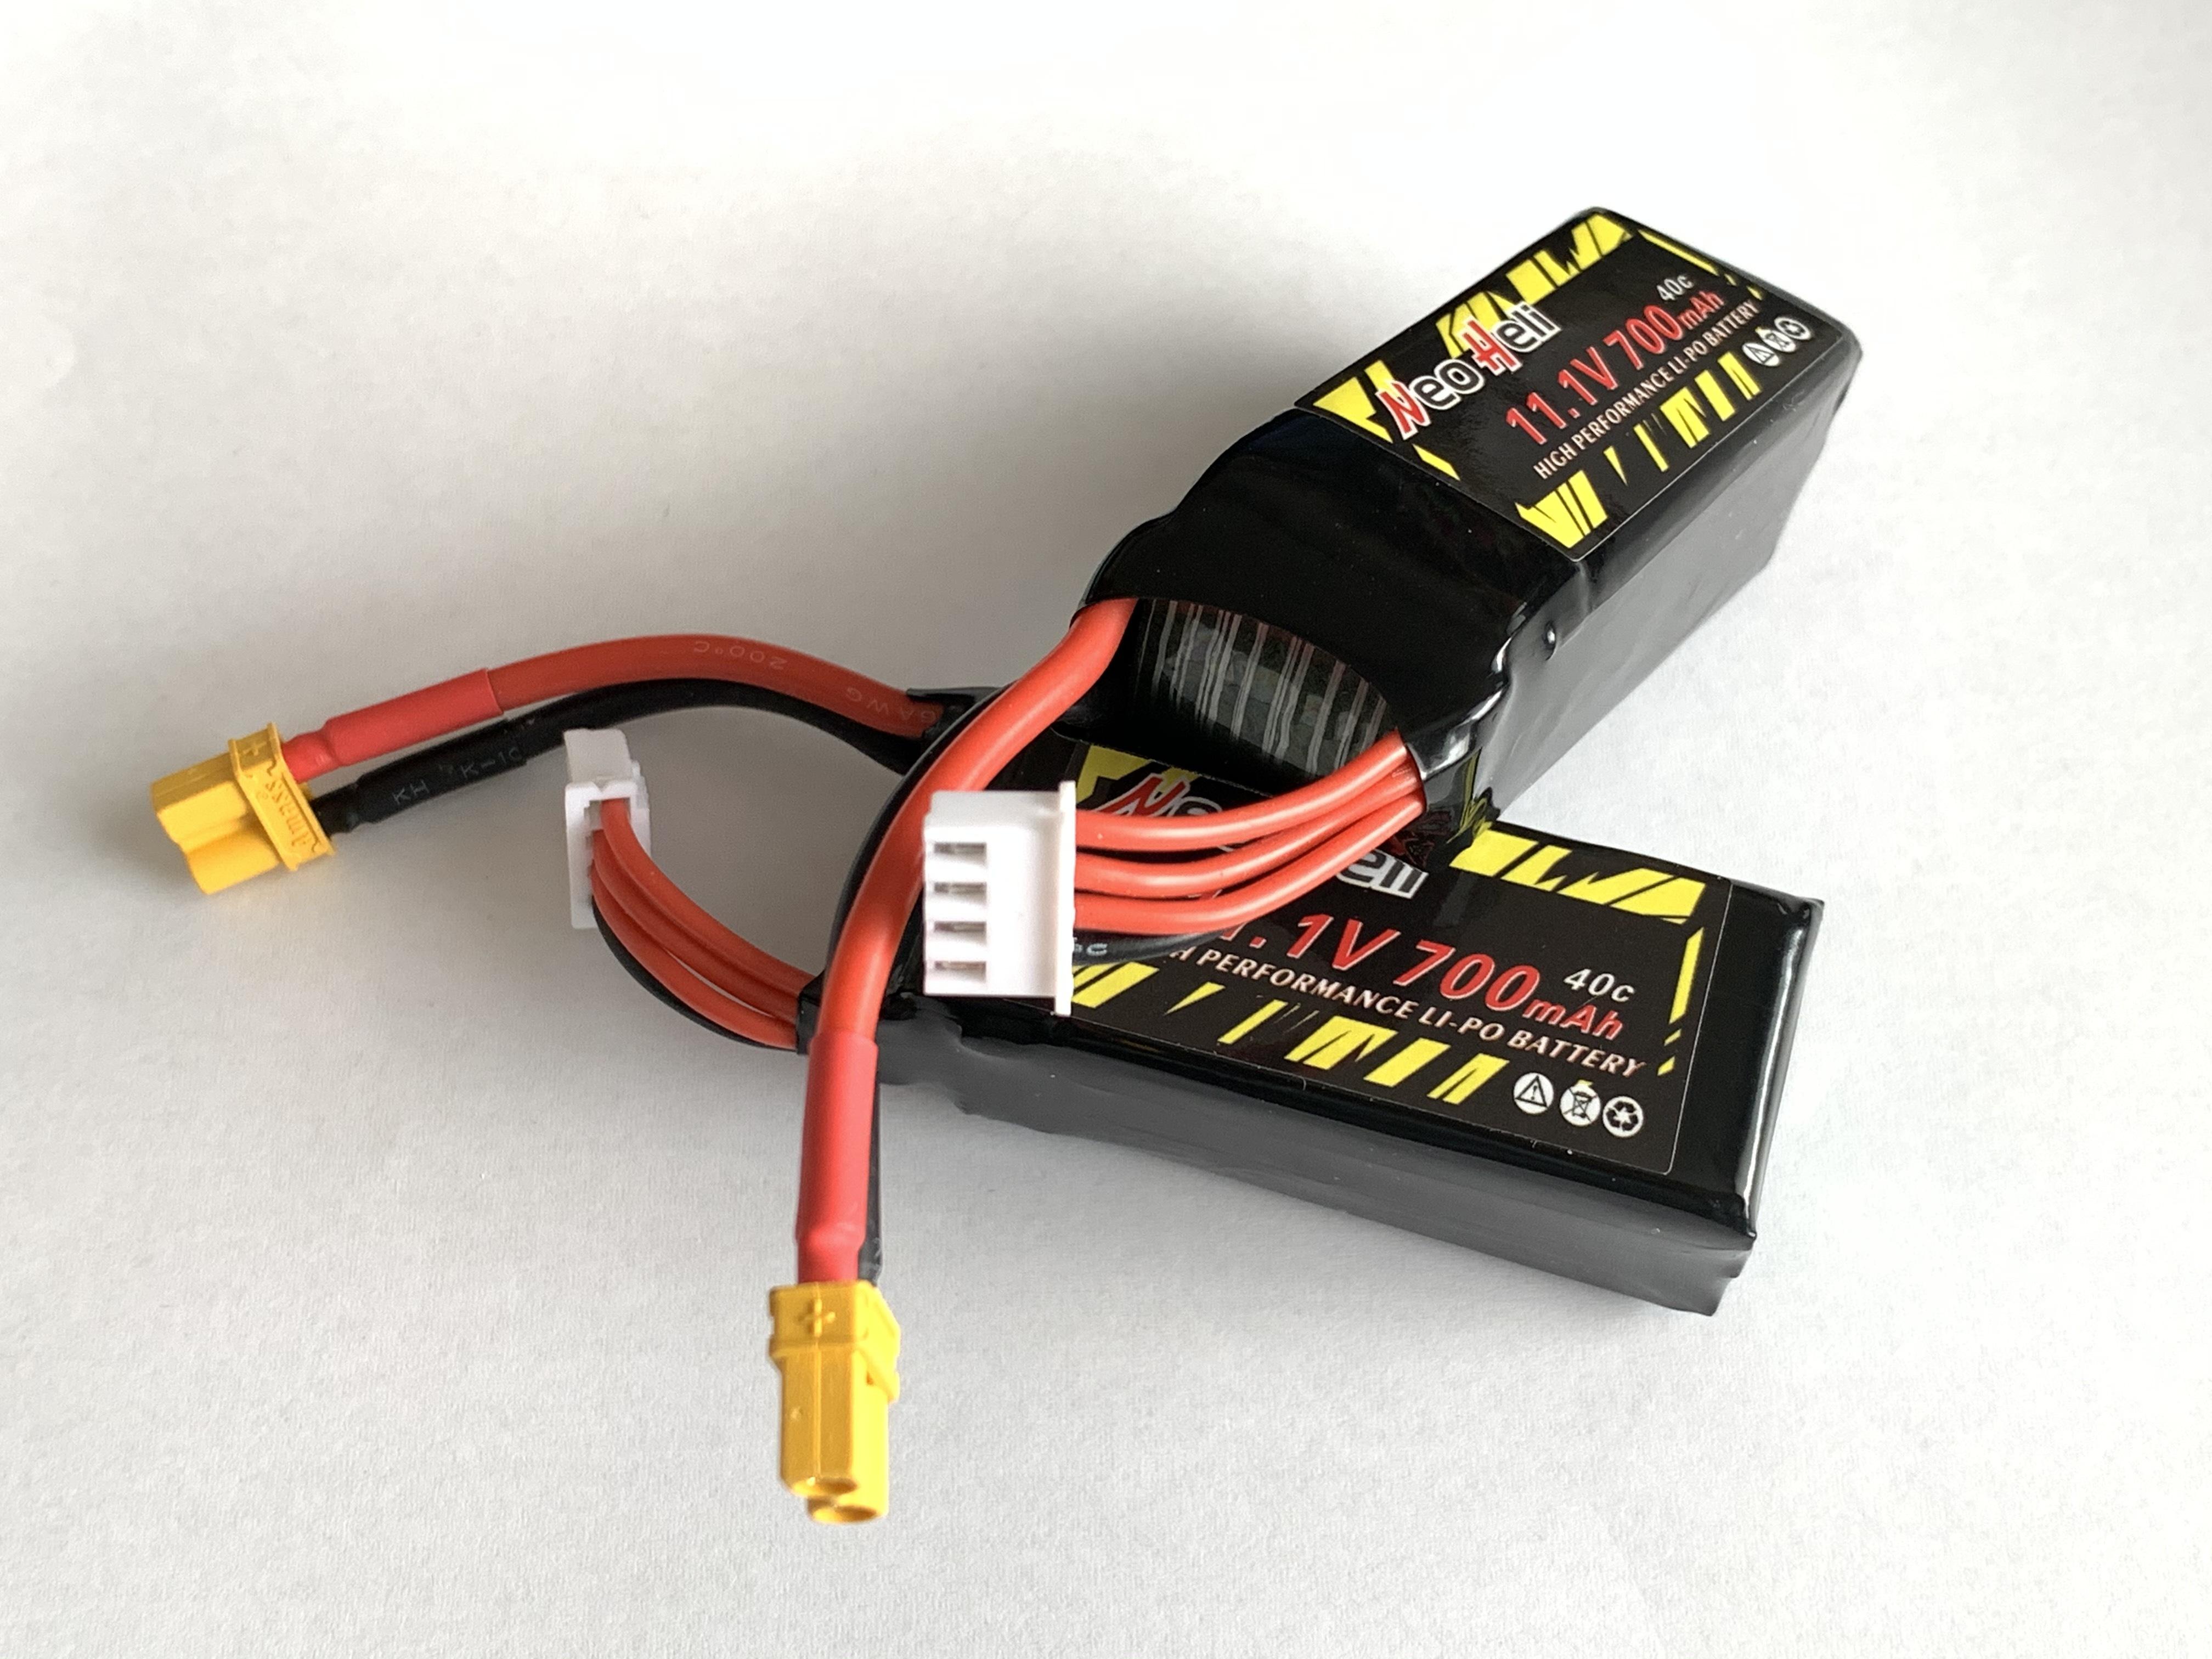 ◆2個セット特価◆M2 リポバッテリー NeoHeliオリジナル 11.1V700mAh40C  2個セット